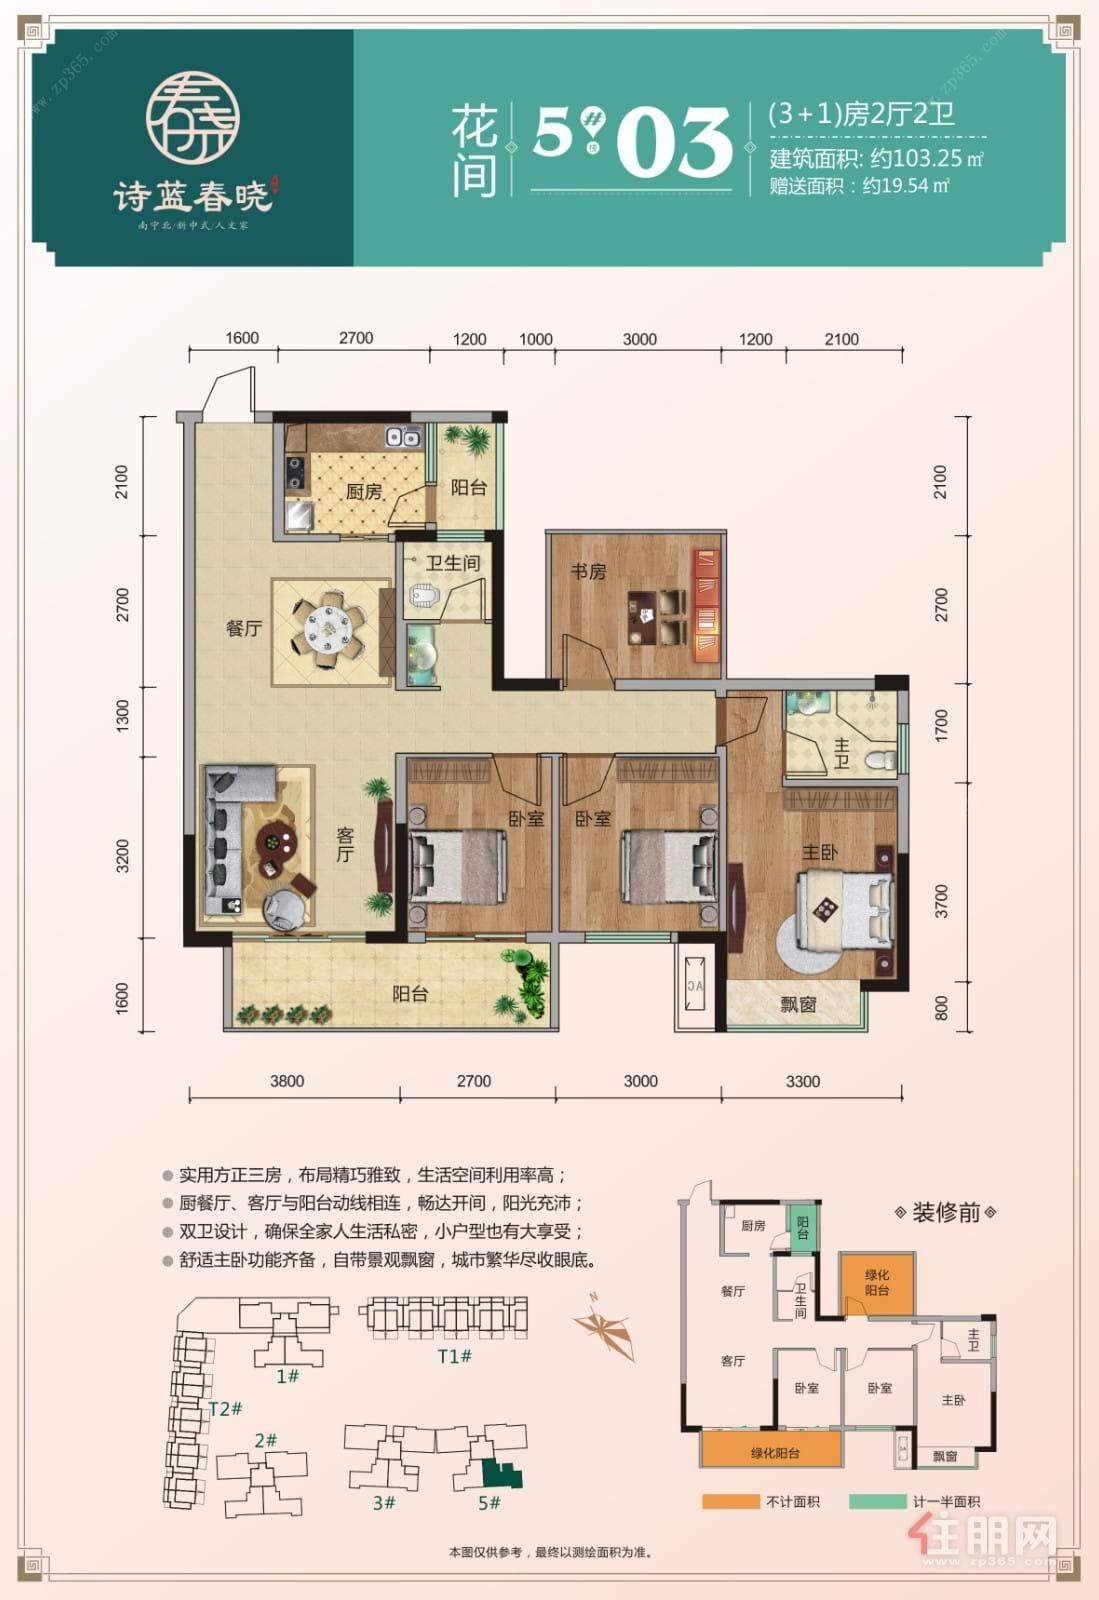 诗蓝春晓5#03 103㎡|4室2厅2卫1厨2阳台